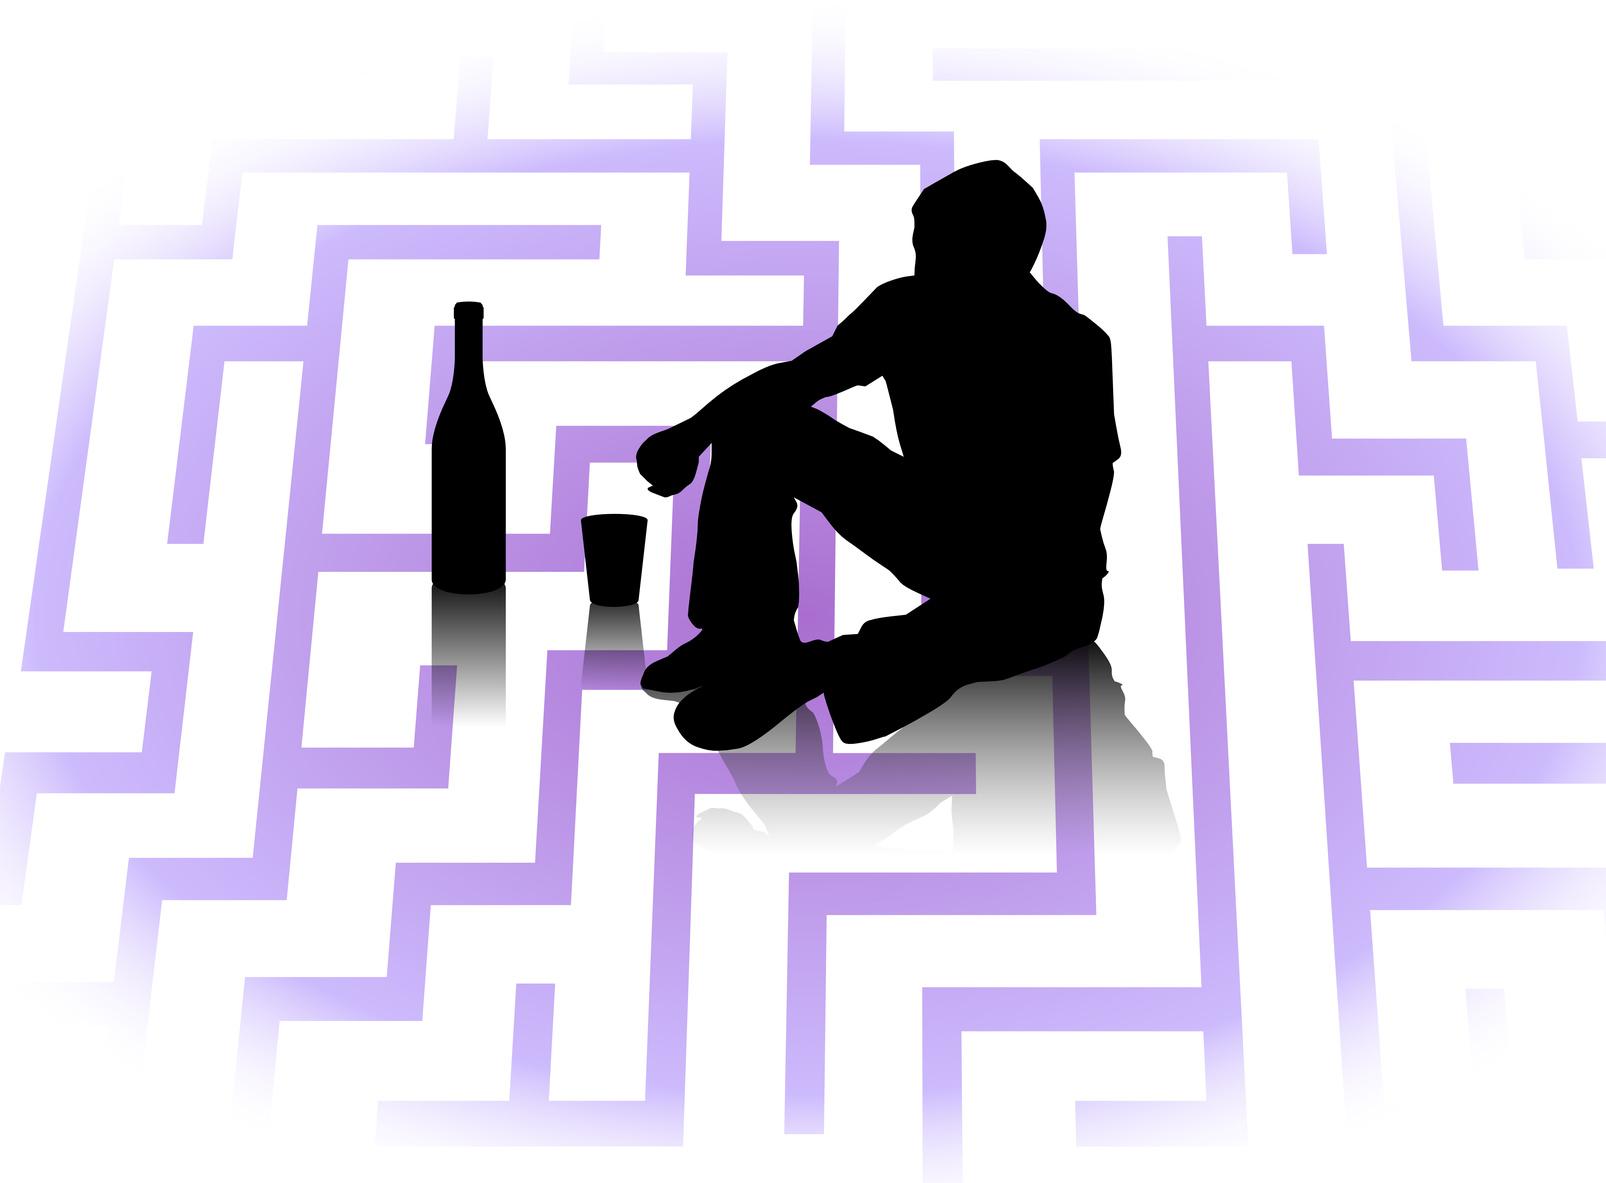 Tutte le strade di trattamento medicamentous alcolismo